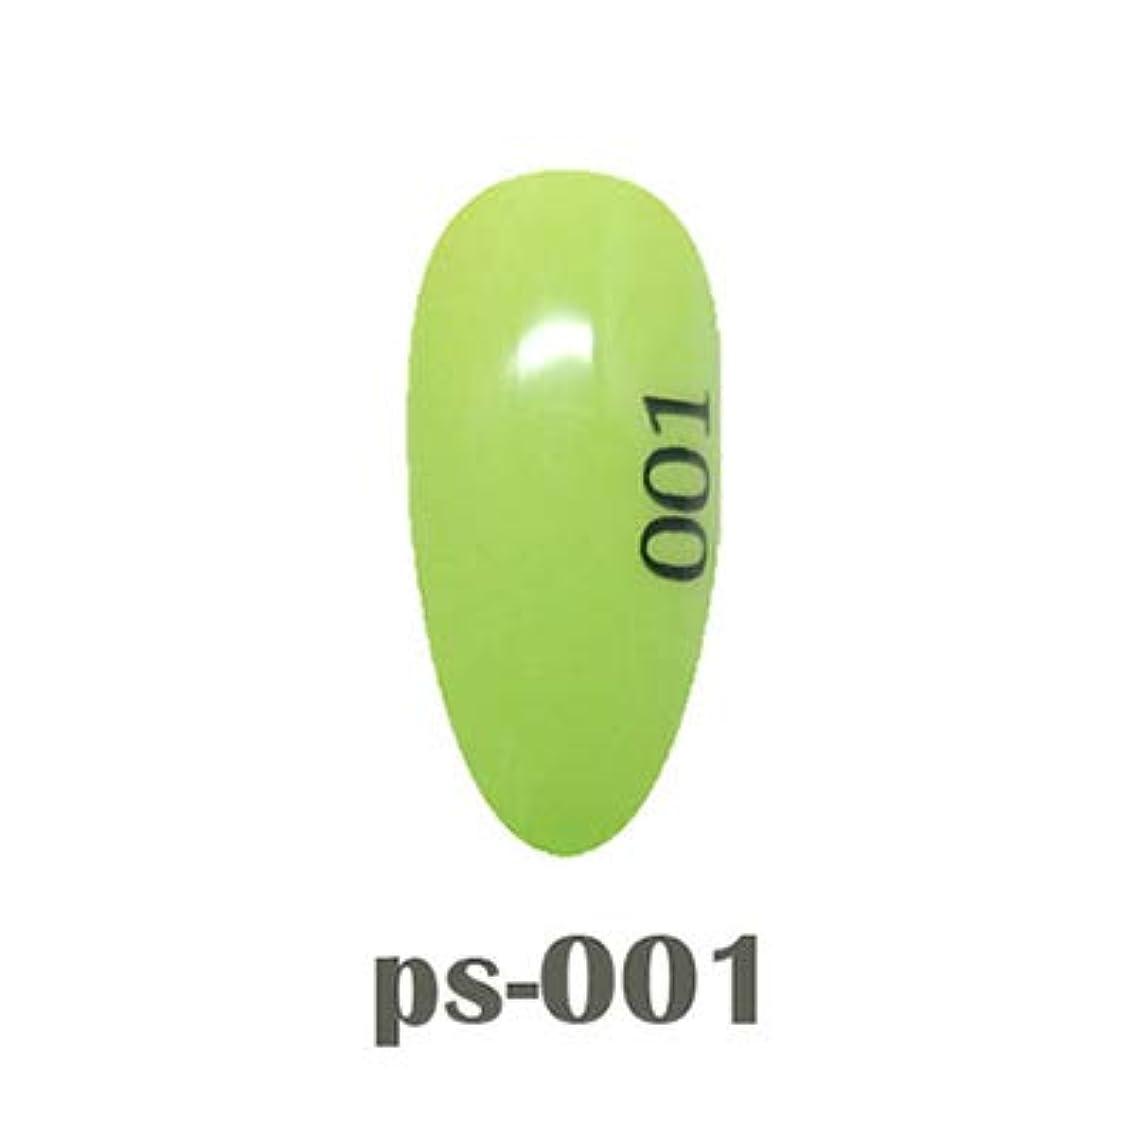 前奏曲昆虫を見る半ばアイスジェル カラージェル ポイントパステルシリーズ PP-001 3g